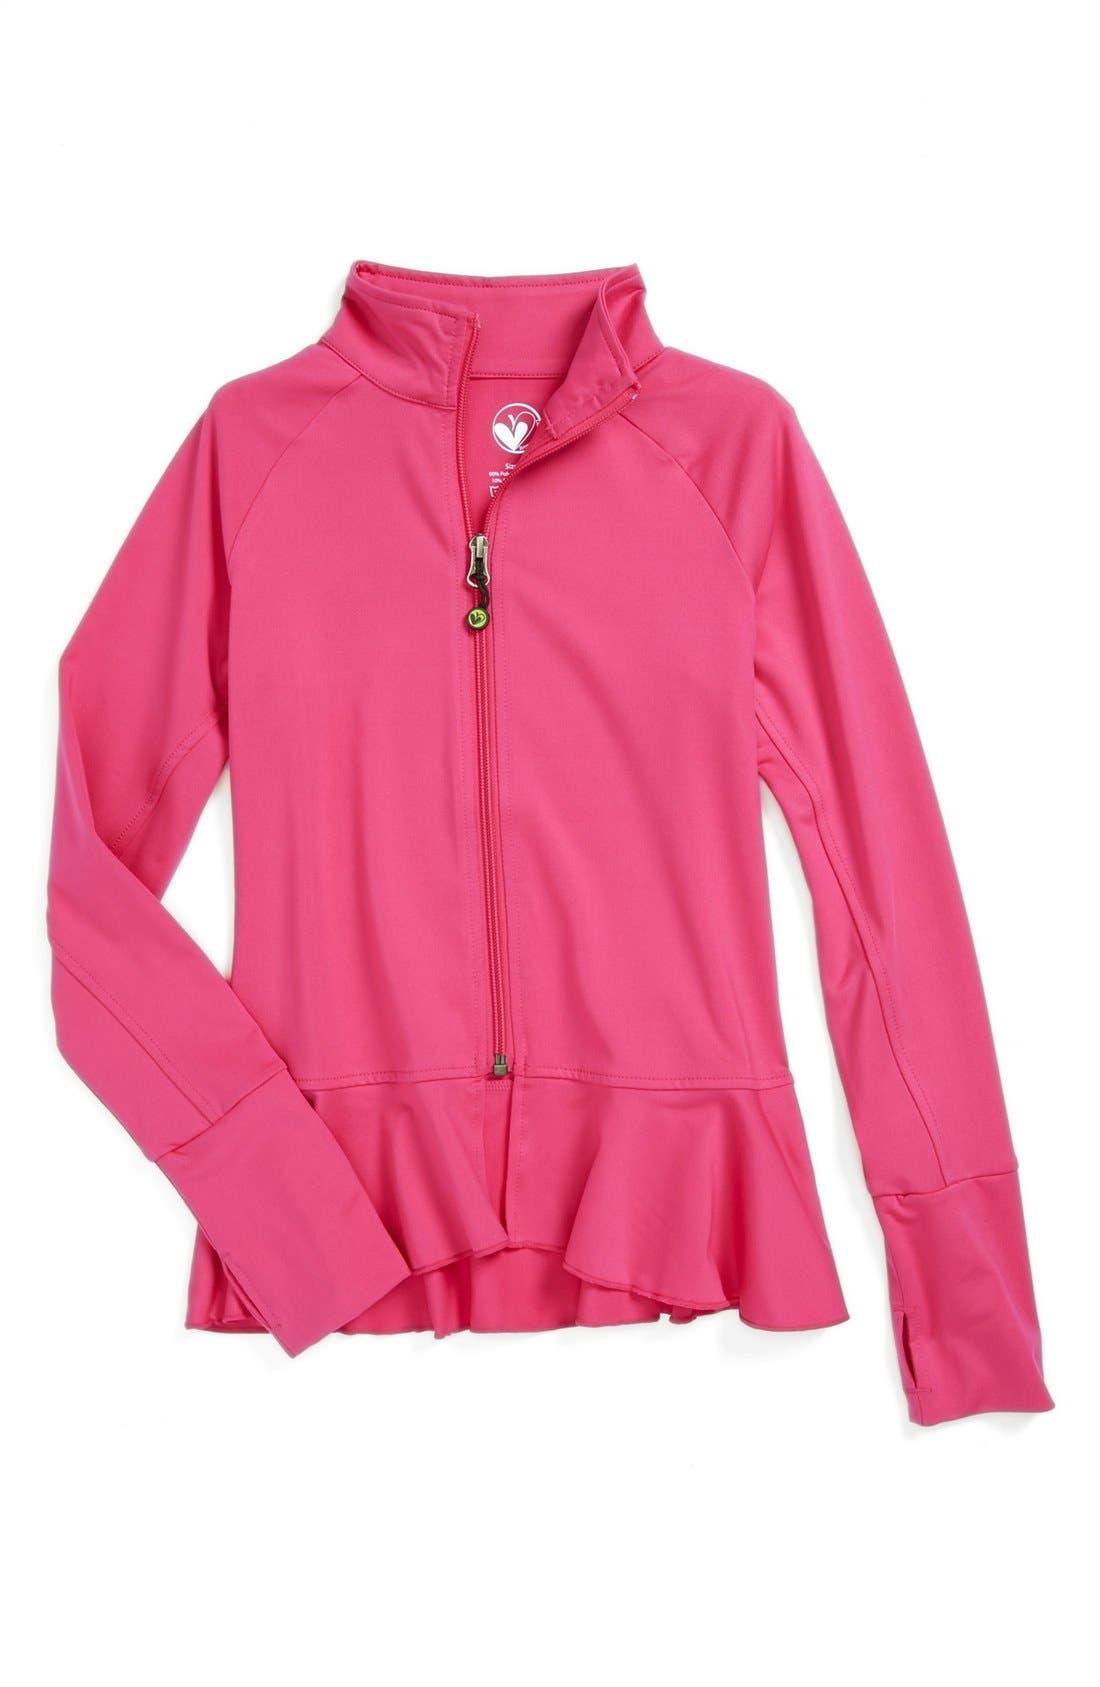 Main Image - Limeapple Ruffled Jacket (Big Girls)